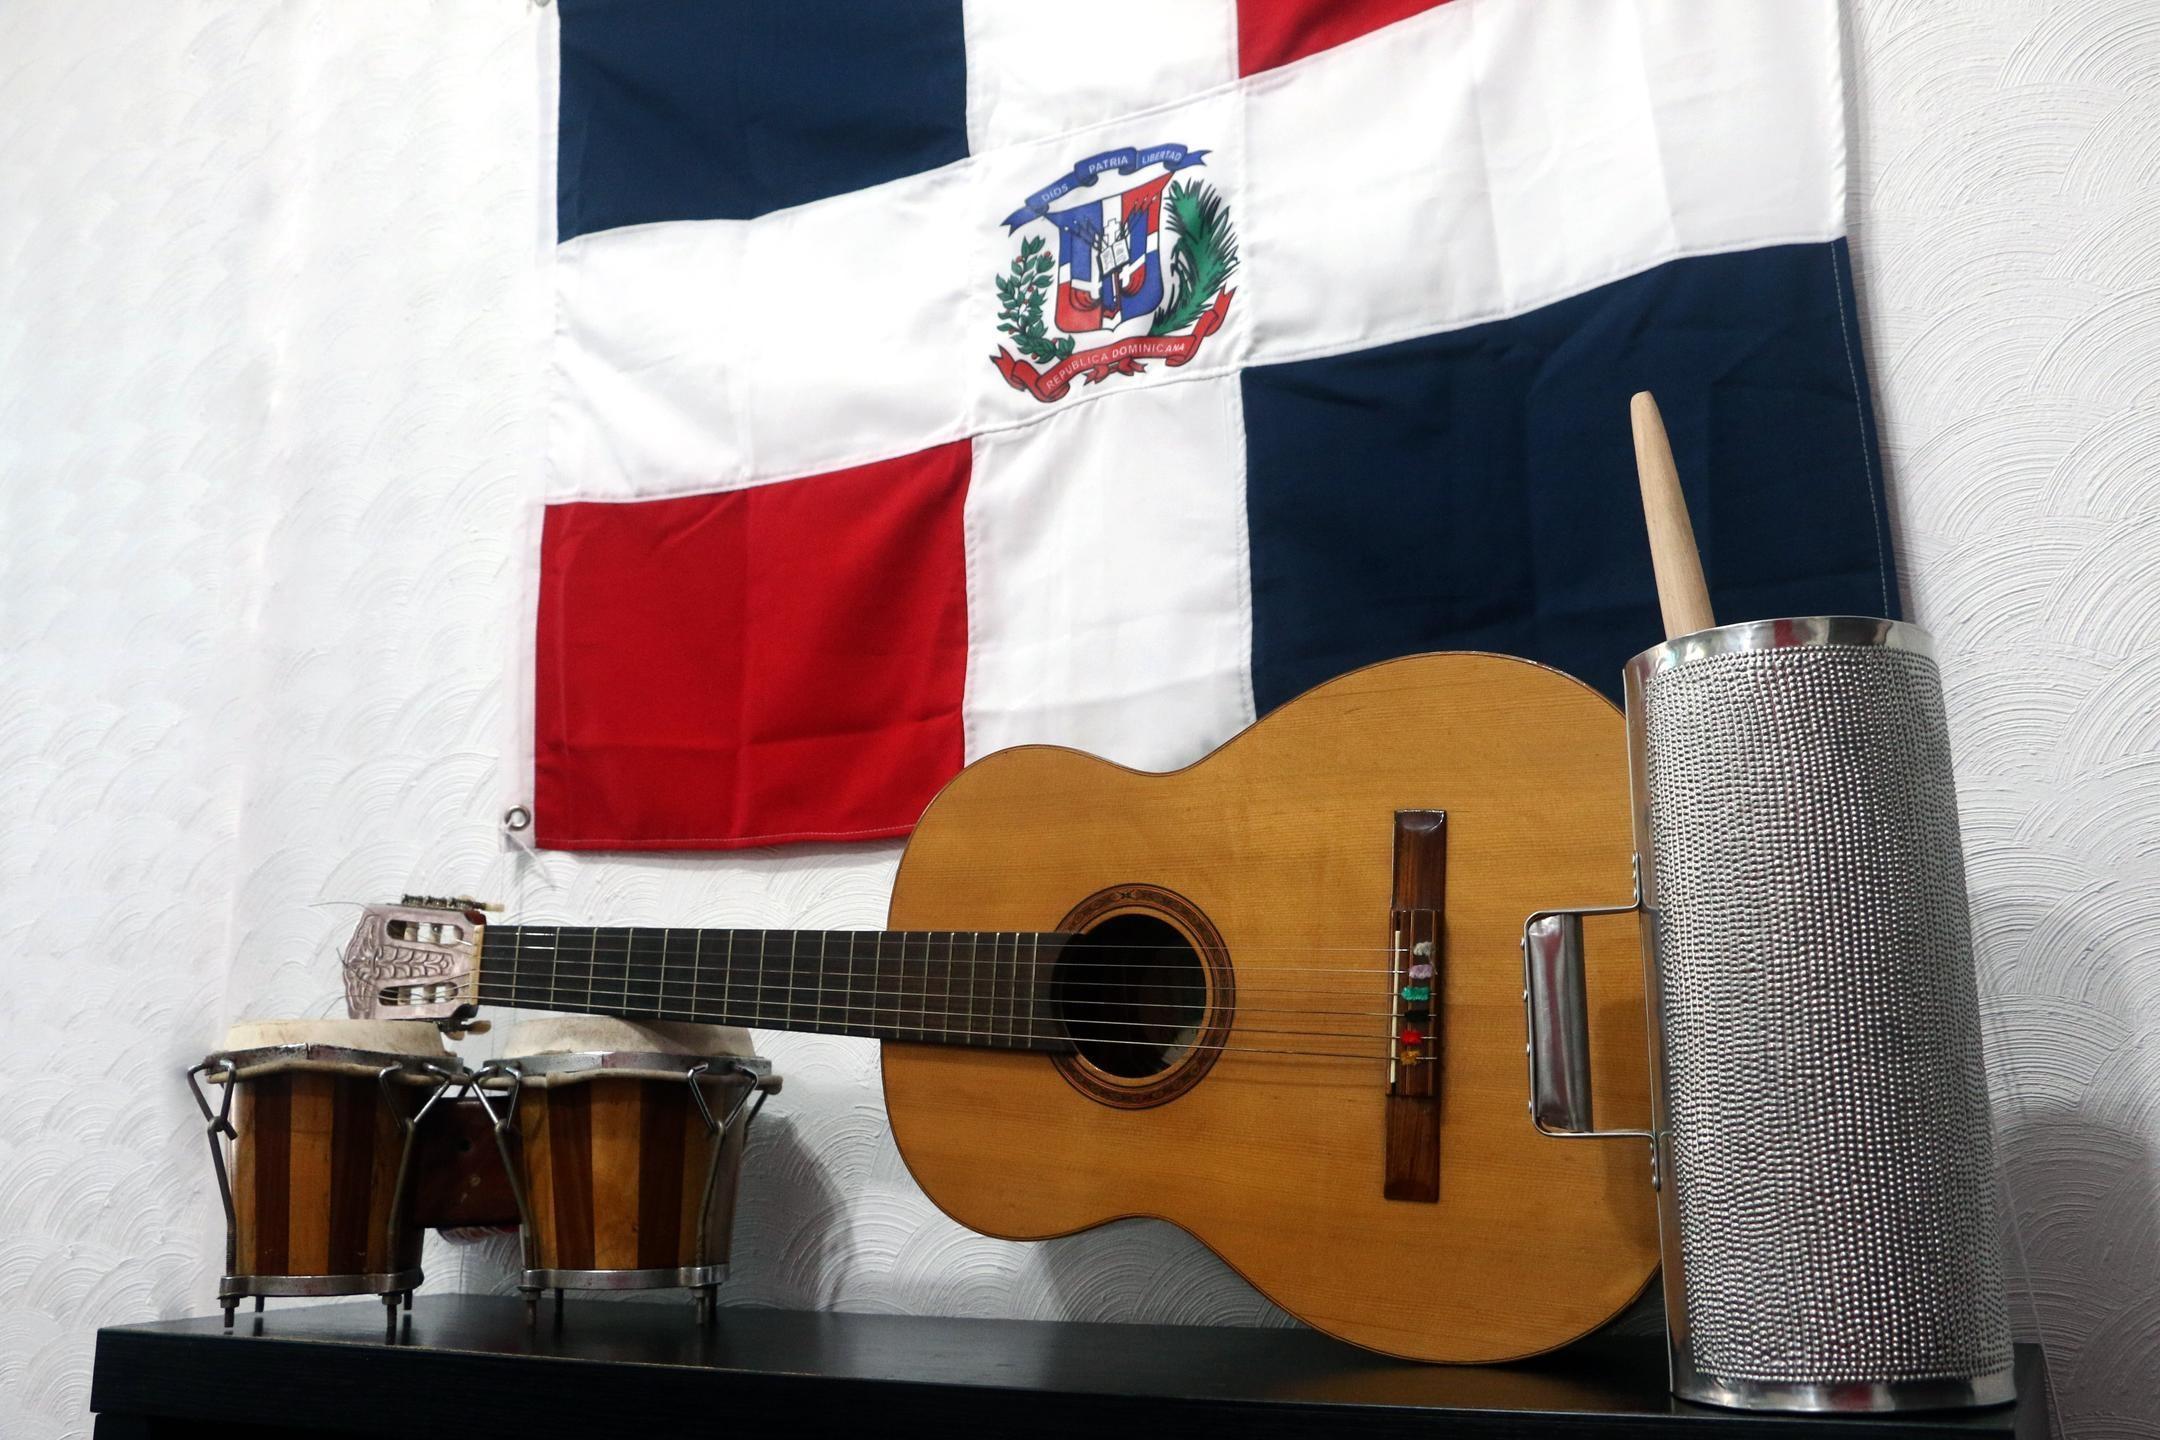 Bachata instruments, fundamentals